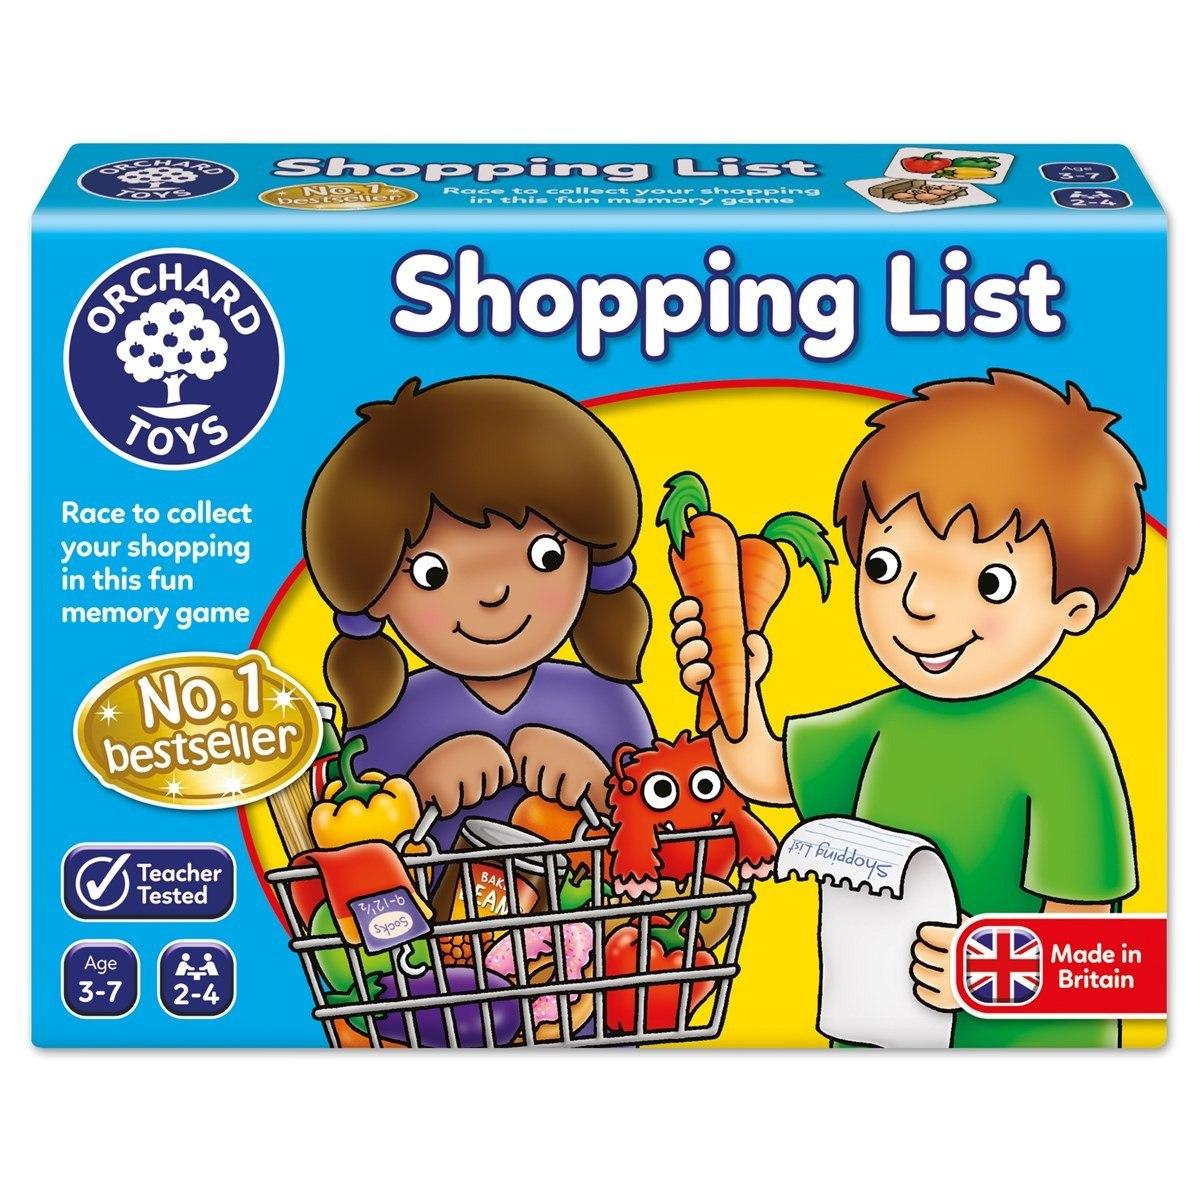 Shopping List Juego De Mesa Para Aprender Ingles 250 00 En